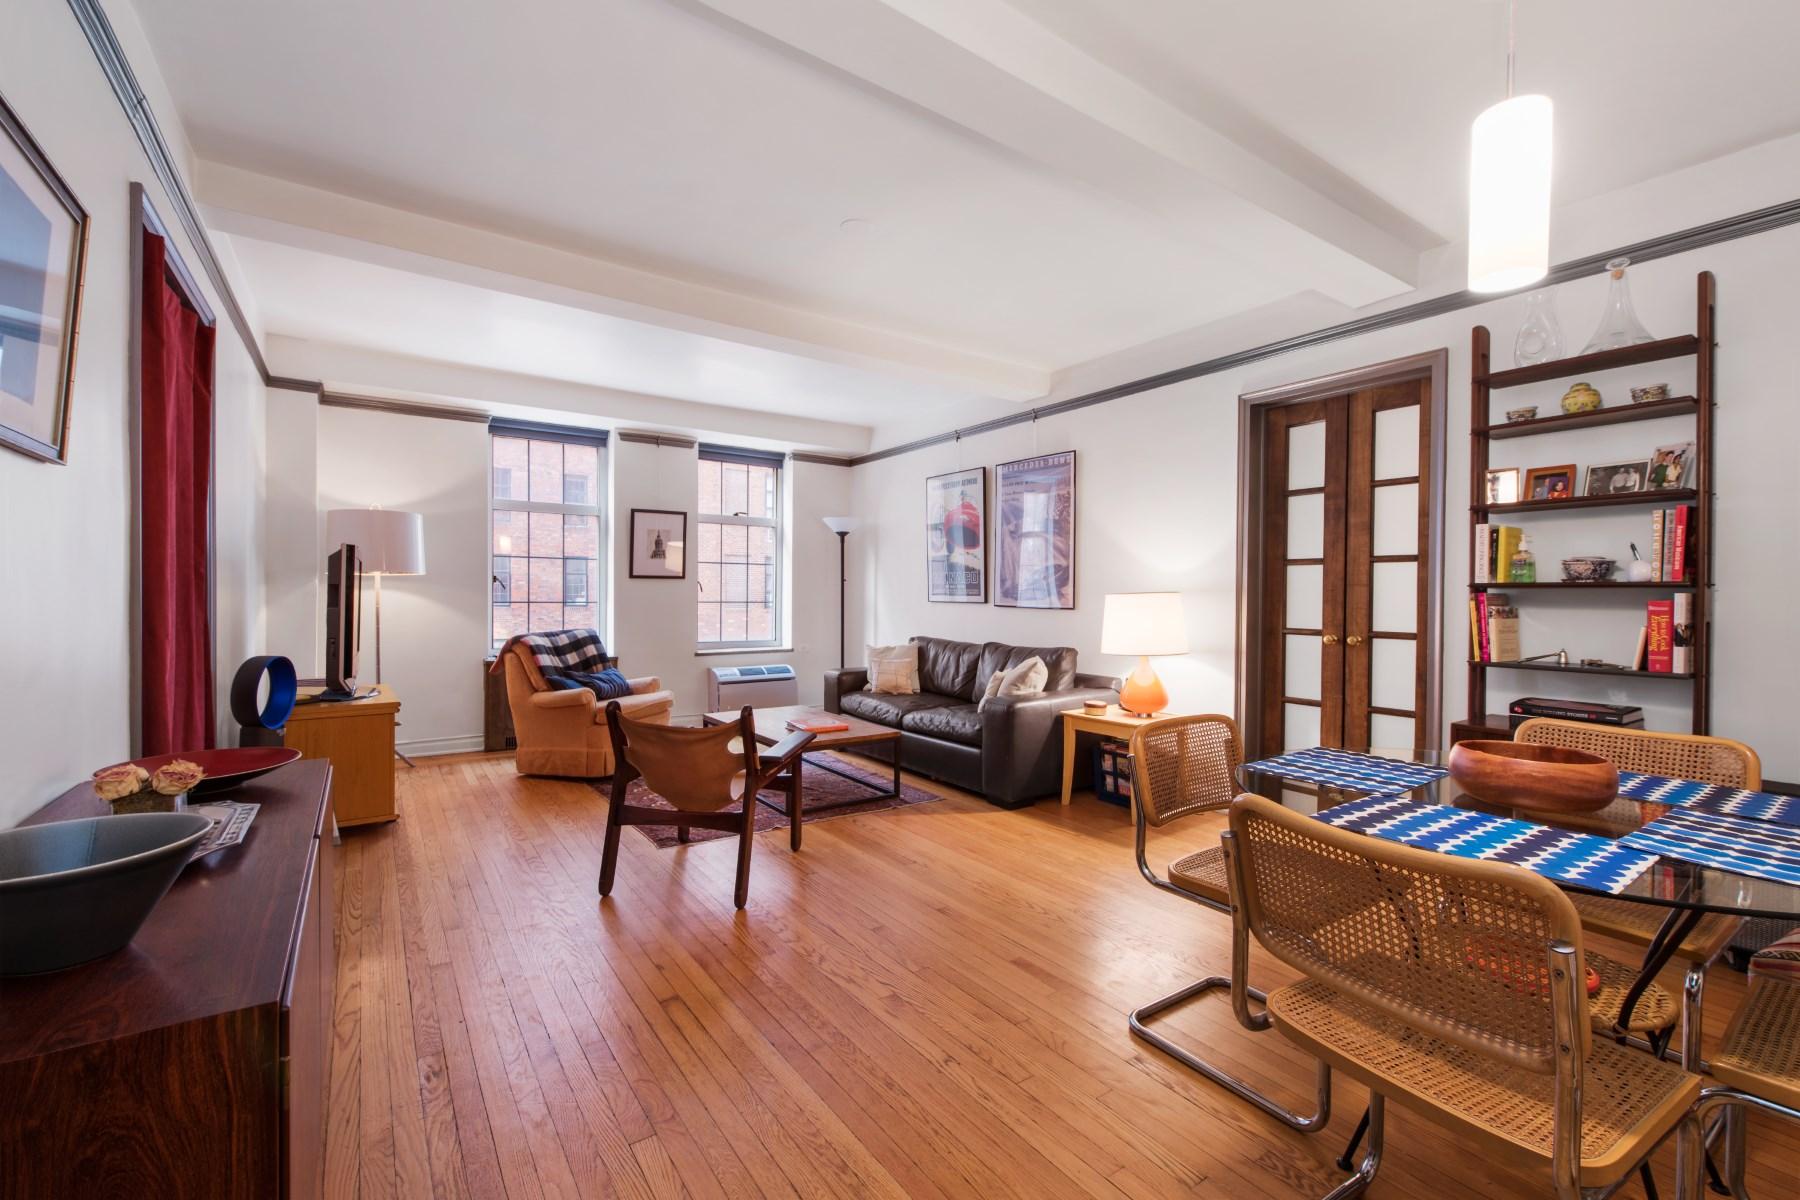 合作公寓 为 销售 在 470 West 24th Street, Apt. 8-FG 470 West 24th Street Apt 8-FG Chelsea, 纽约, 纽约州, 10011 美国